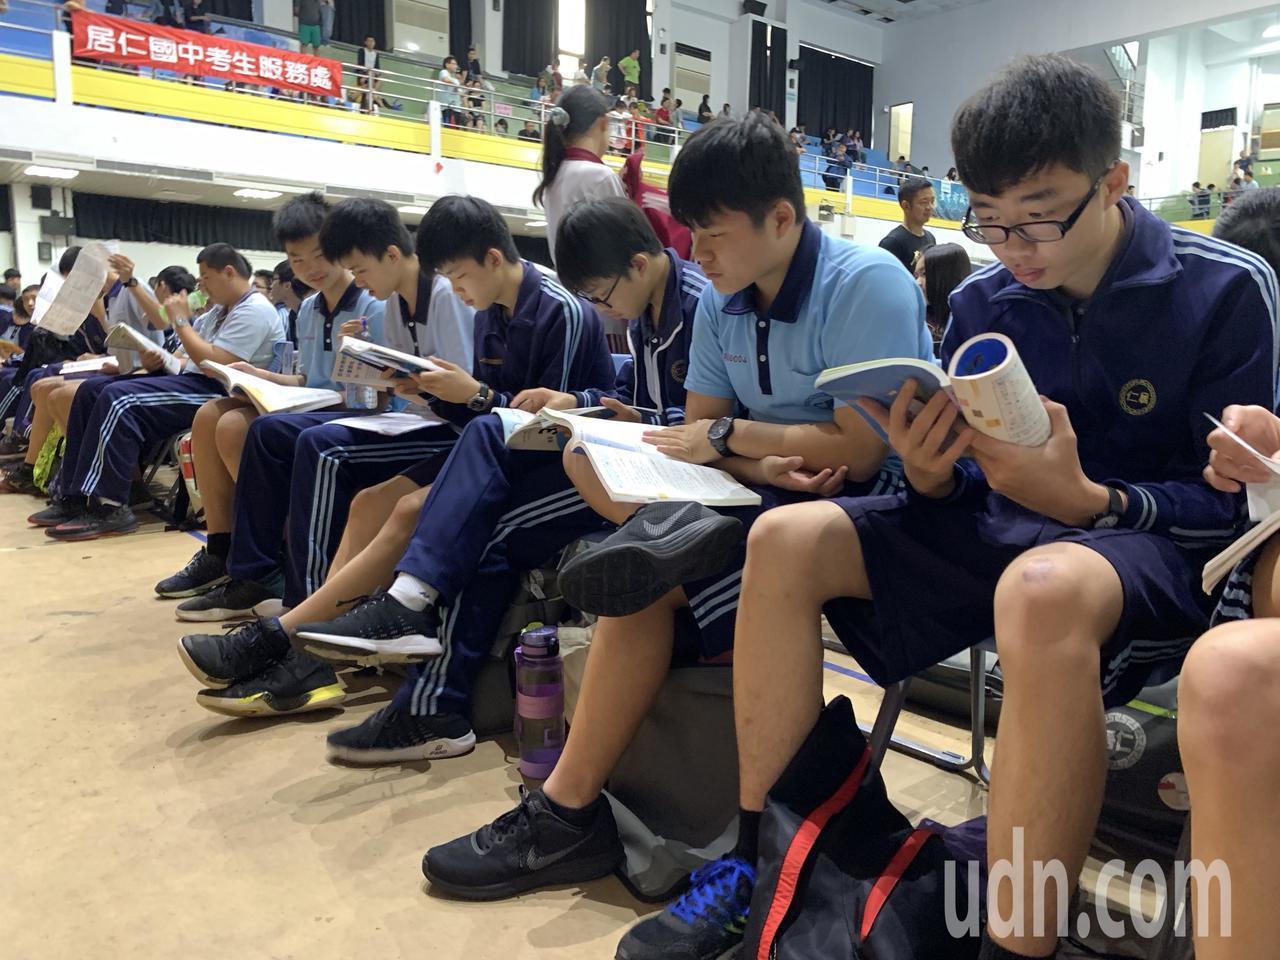 國中教育會考登場,第一節社會科考試,中部考生說,難易度適中。記者喻文玟/攝影